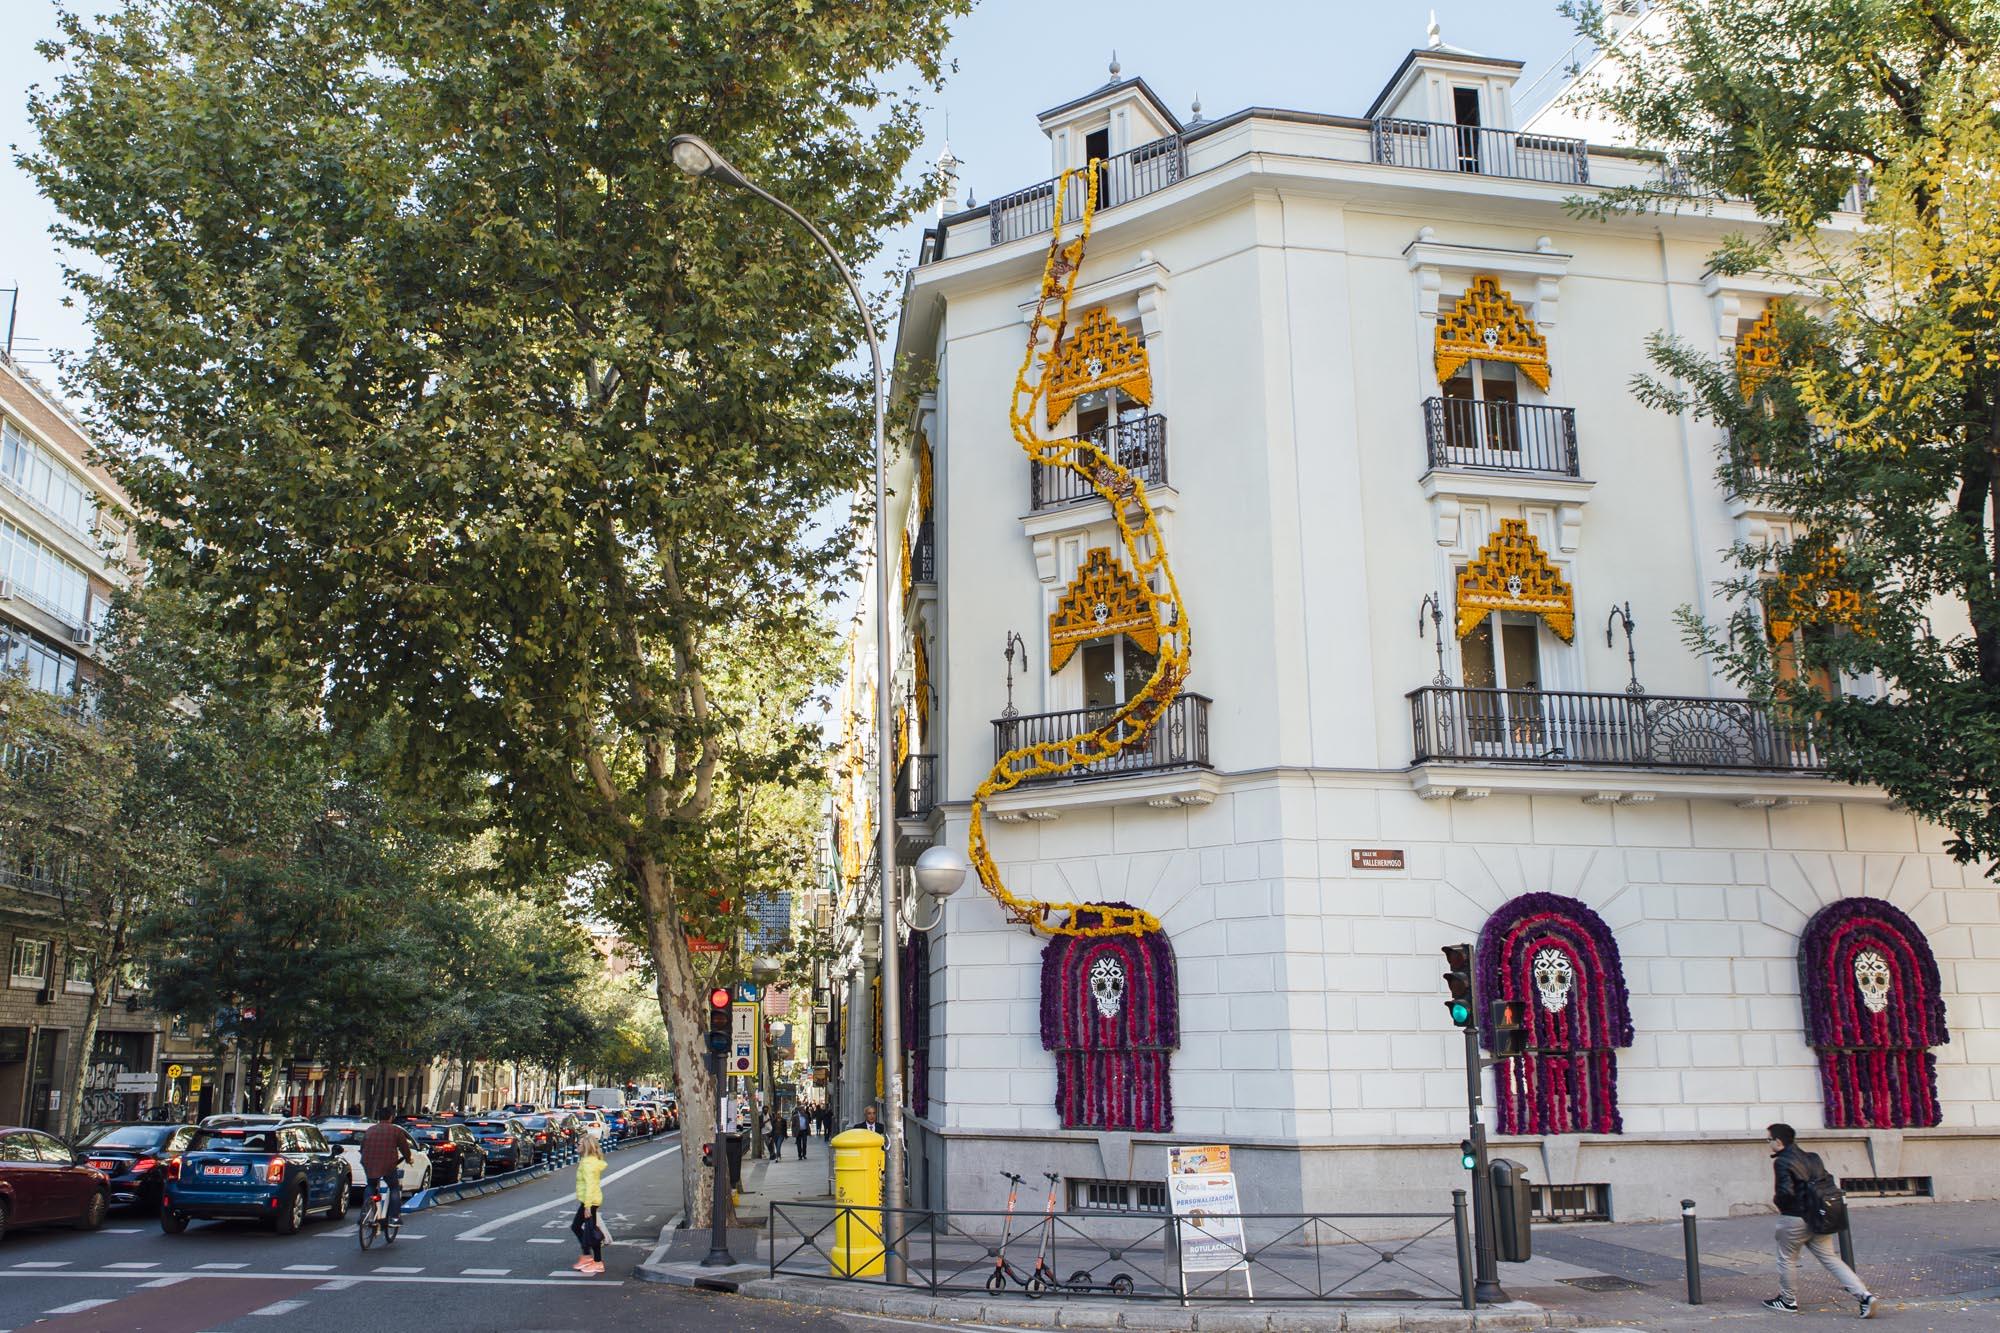 Casa de México abrió el pasado 1 de octubre en un reformado palacete cerca de la glorieta de San Bernardo.